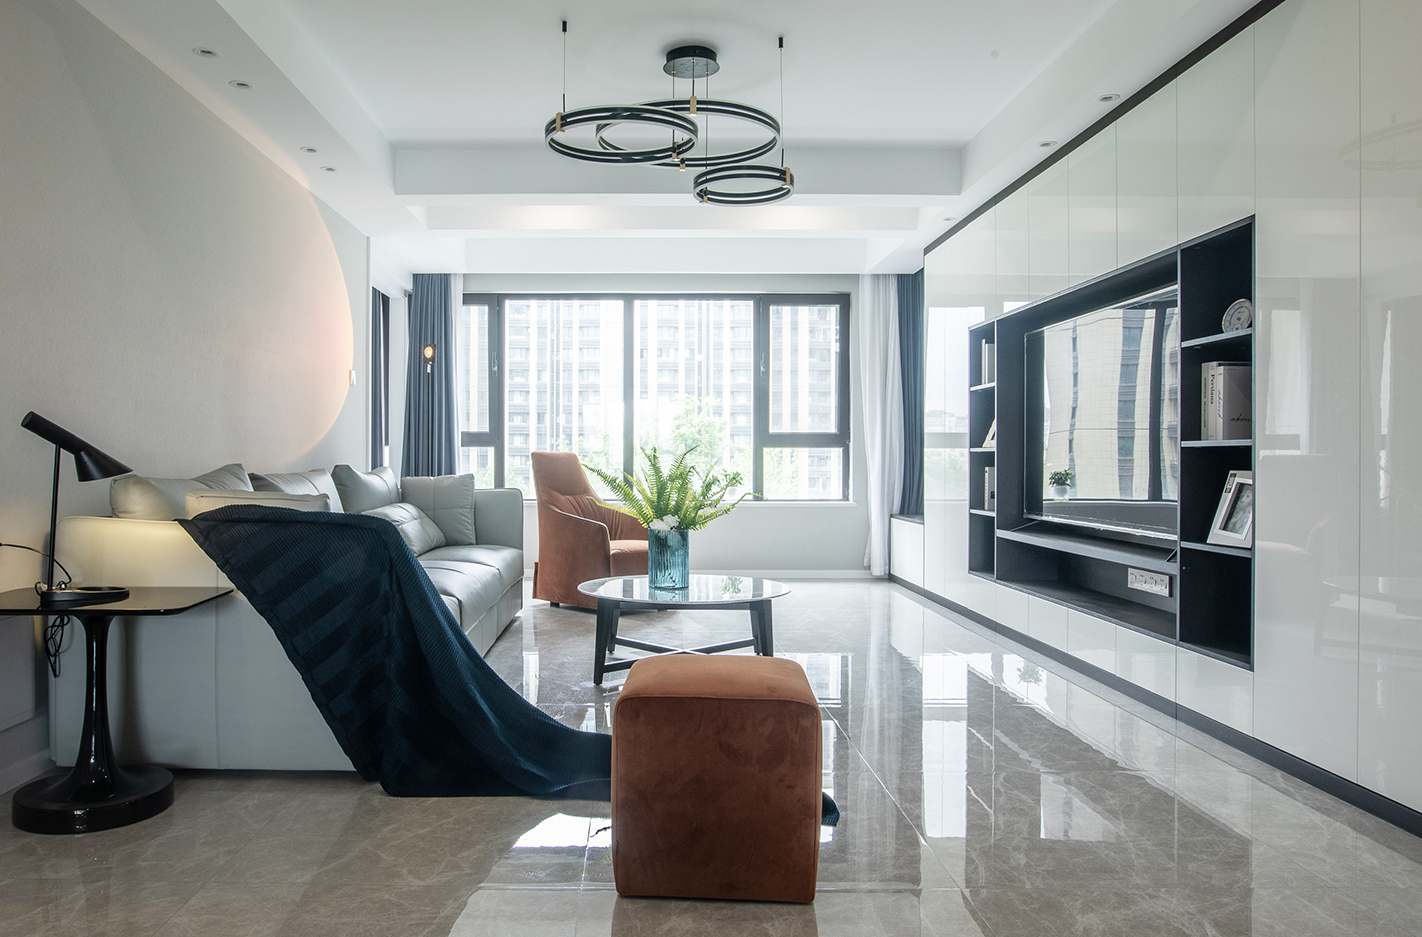 苏建名都城 140平米  三室两厅一卫  现代简约风格